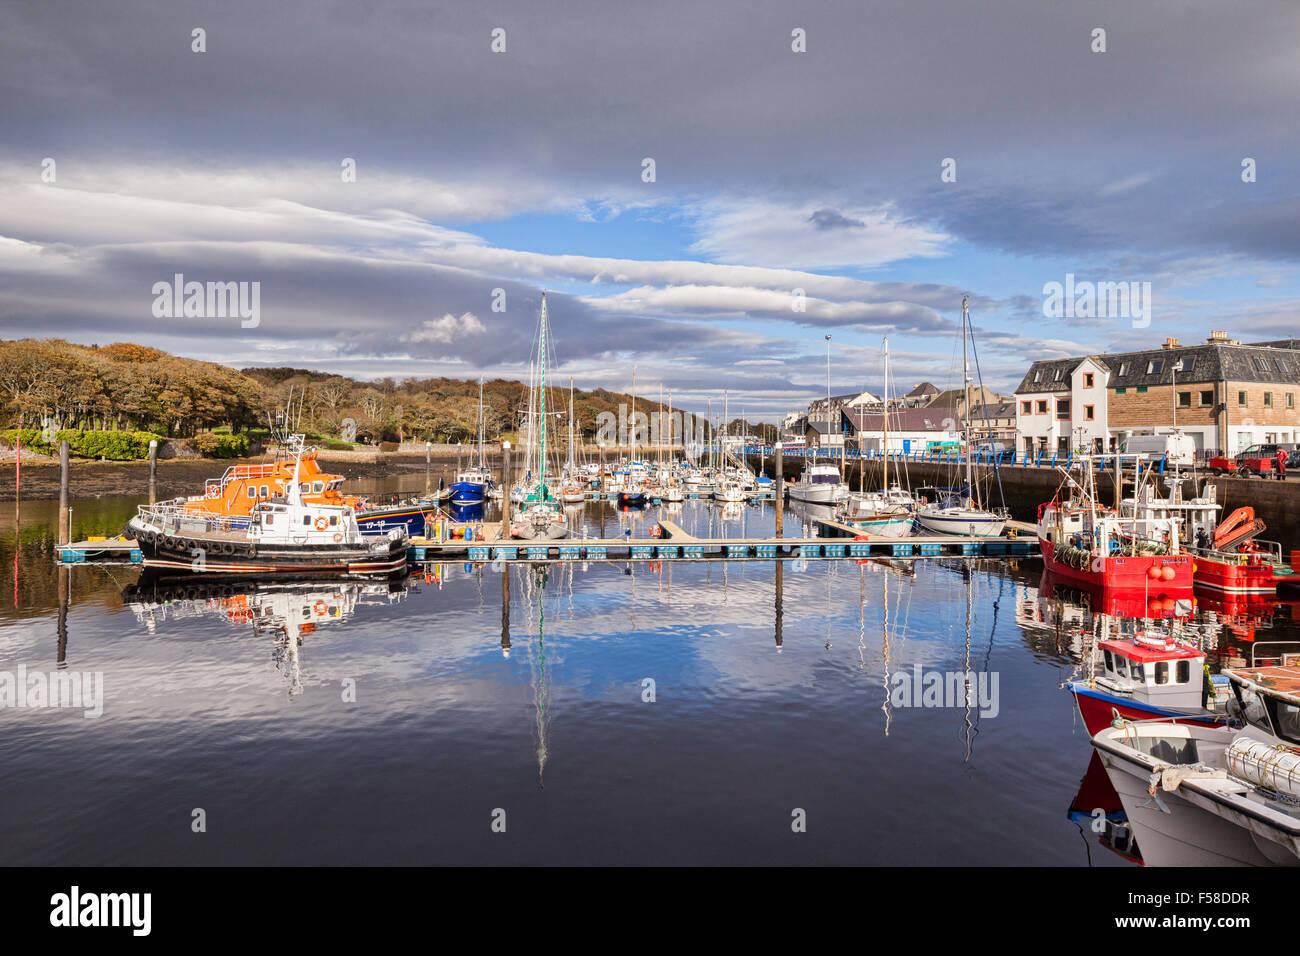 Stornoway Harbour, Isle of Lewis, Outer Hebrides, Scottish Highlands, Scotland, UK - Stock Image